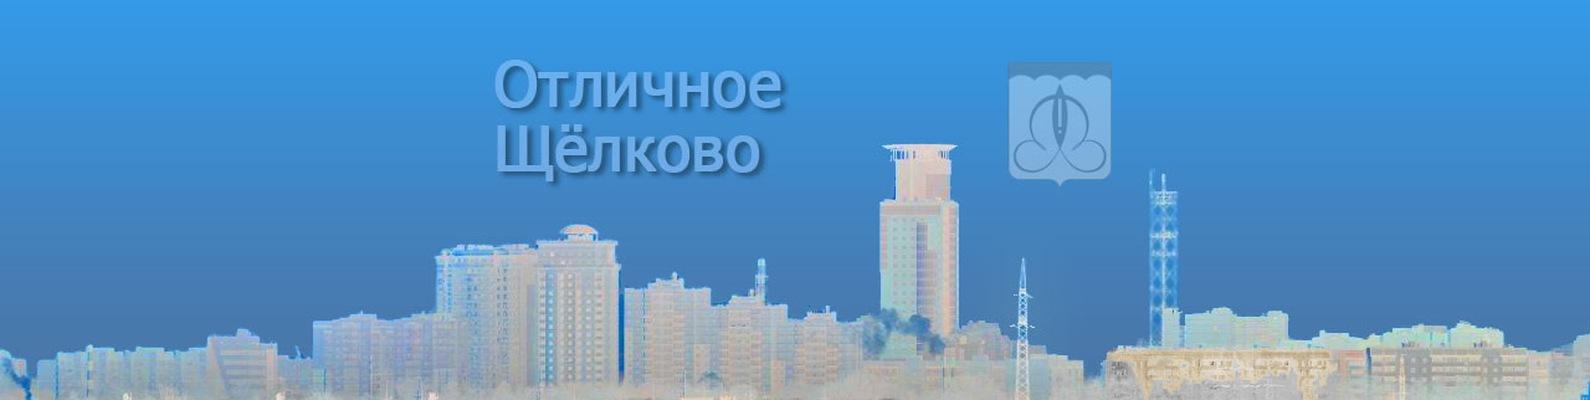 Сколько стоит оформить медицинскую книжку в Щёлково